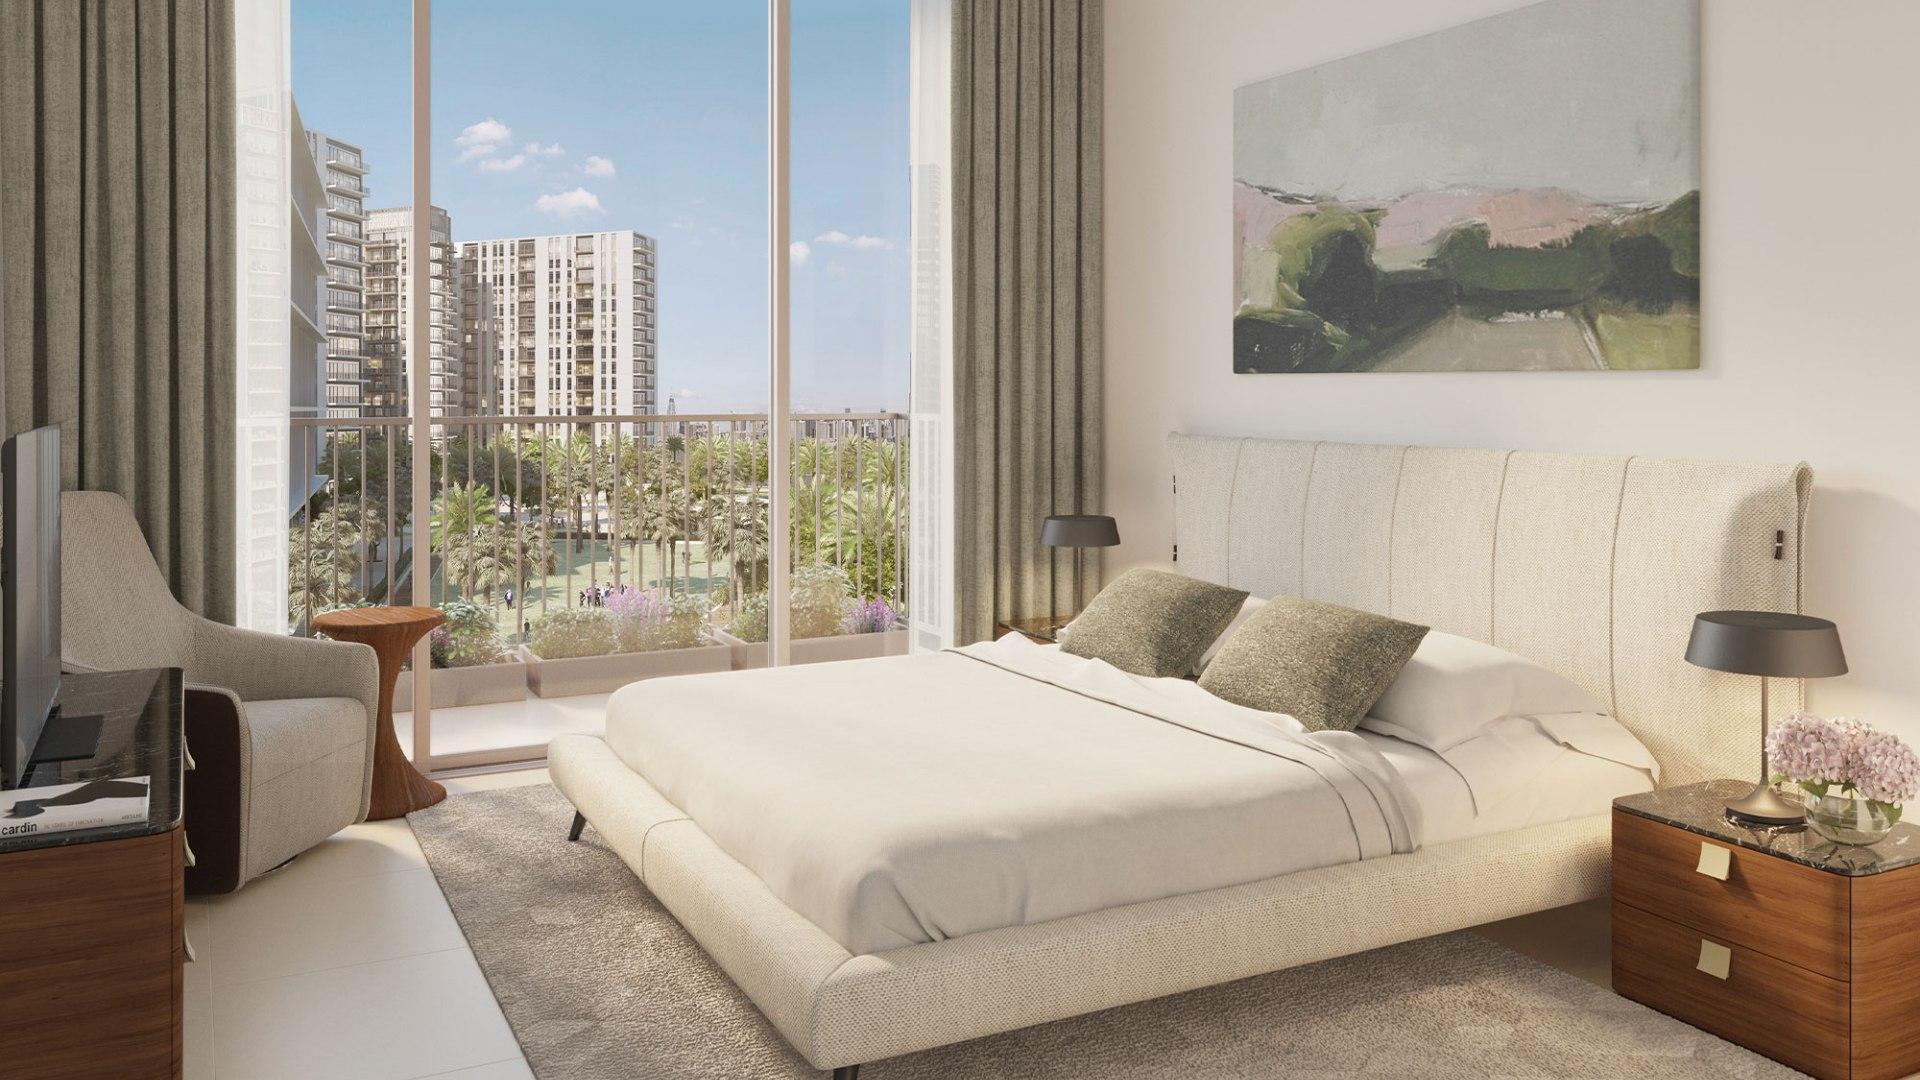 Apartamento en venta en Dubai, EAU, 3 dormitorios, 150 m2, № 24145 – foto 3